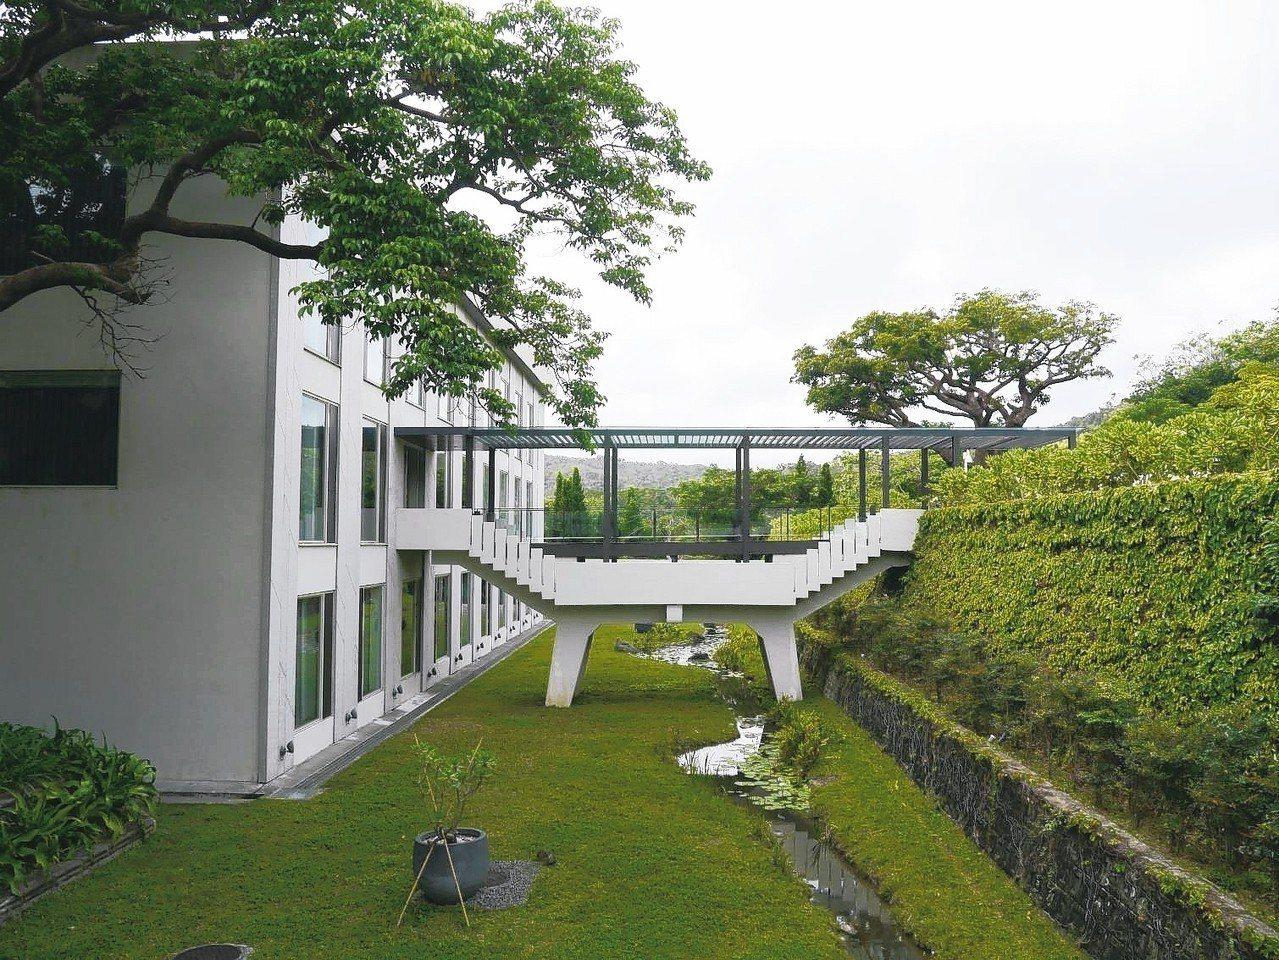 融入自然的通道,華泰瑞苑處處是美感。 記者羅建怡/攝影